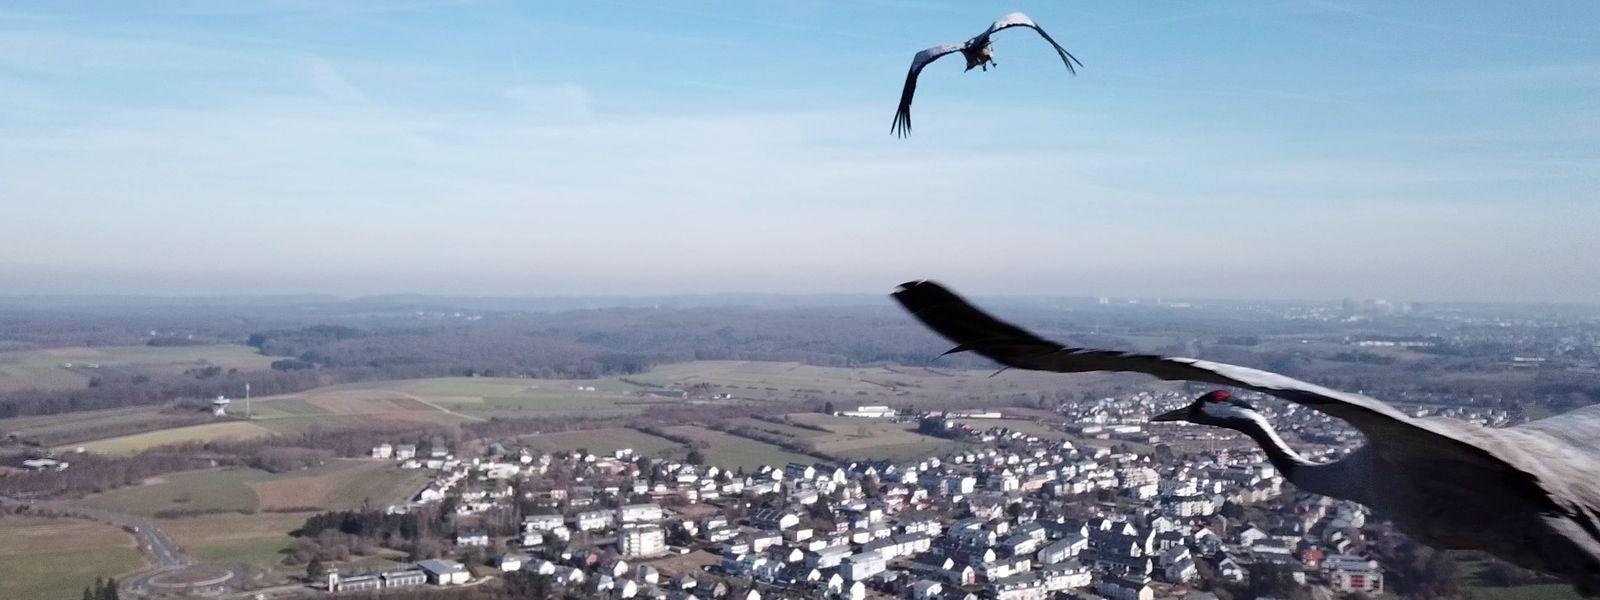 Les grues cendrées font 2 à 2,40 mètres d'envergure et peuvent voler à près de 100 km/h.